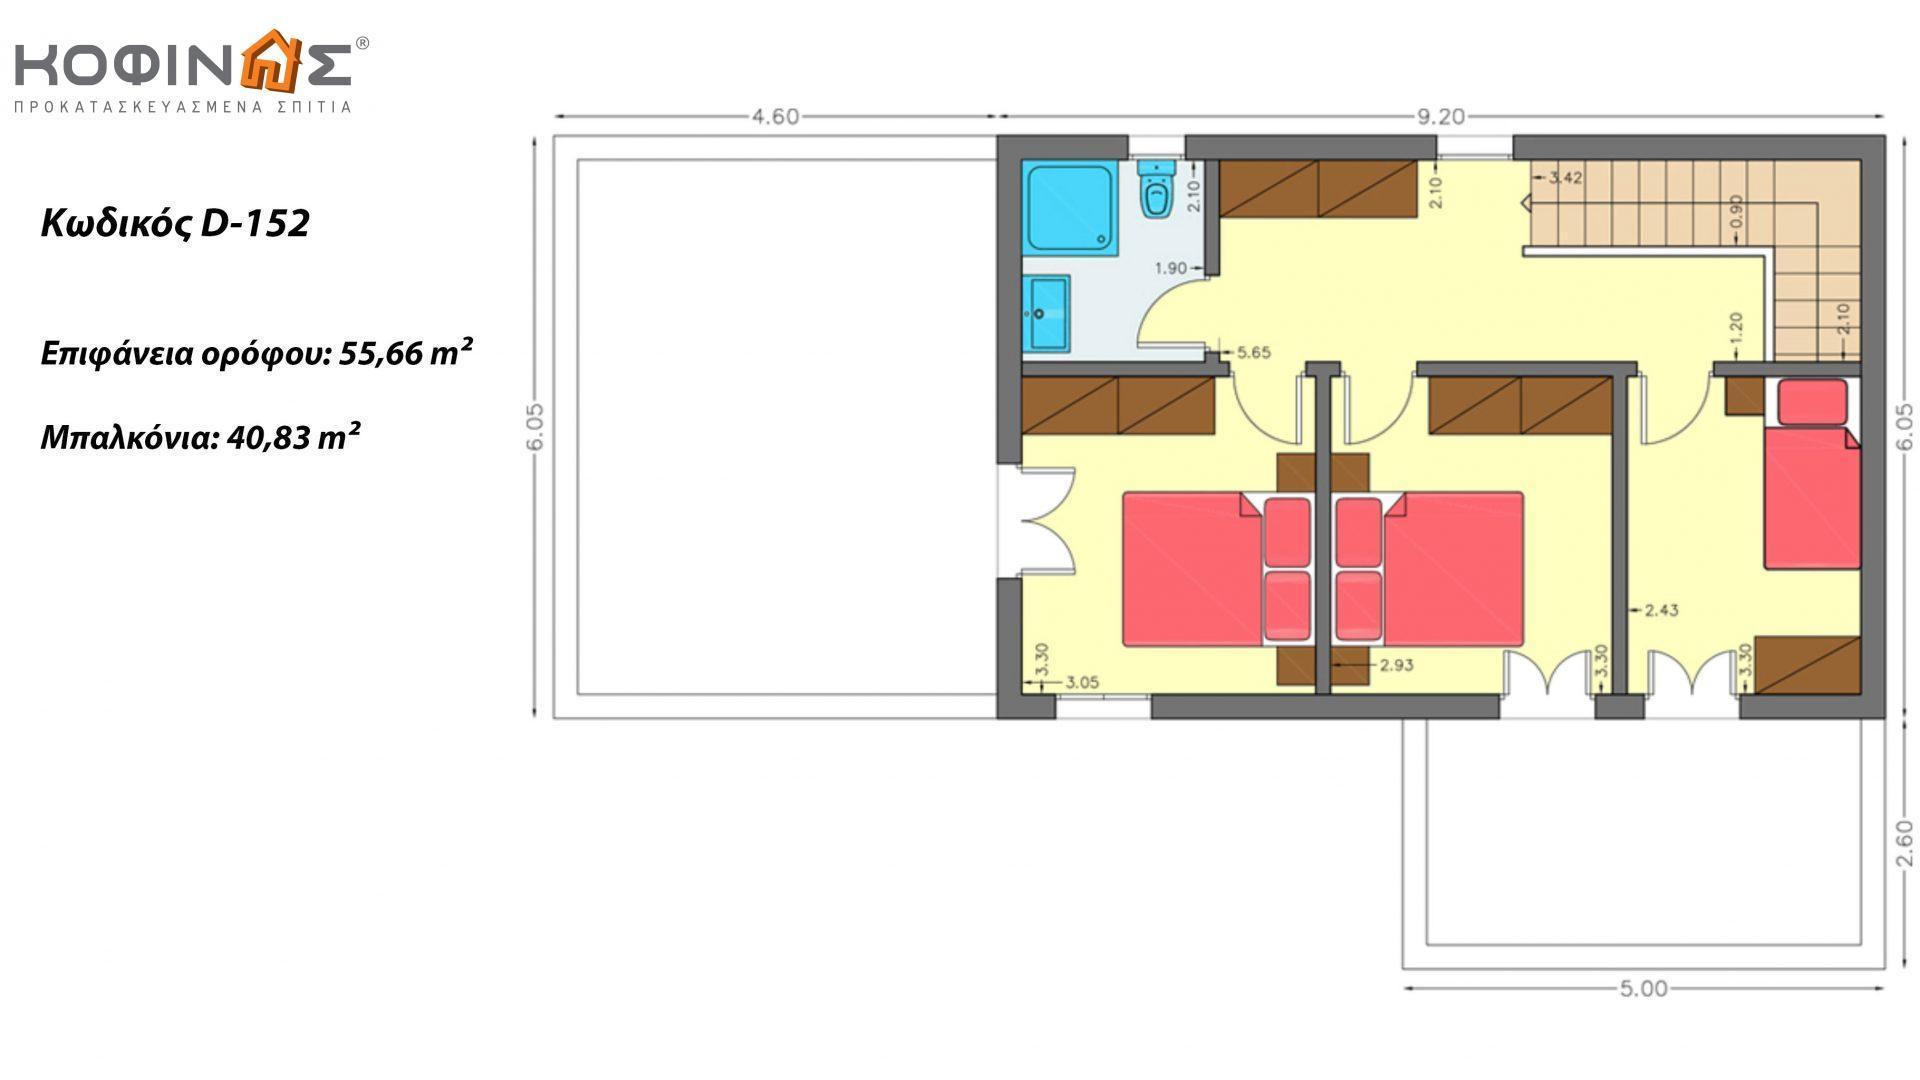 Διώροφη Κατοικία D-152, συνολικής επιφάνειας 152,15 τ.μ., συνολική επιφάνεια στεγασμένων χώρων 12.22 τ.μ., μπαλκόνια 40.83 τ.μ.